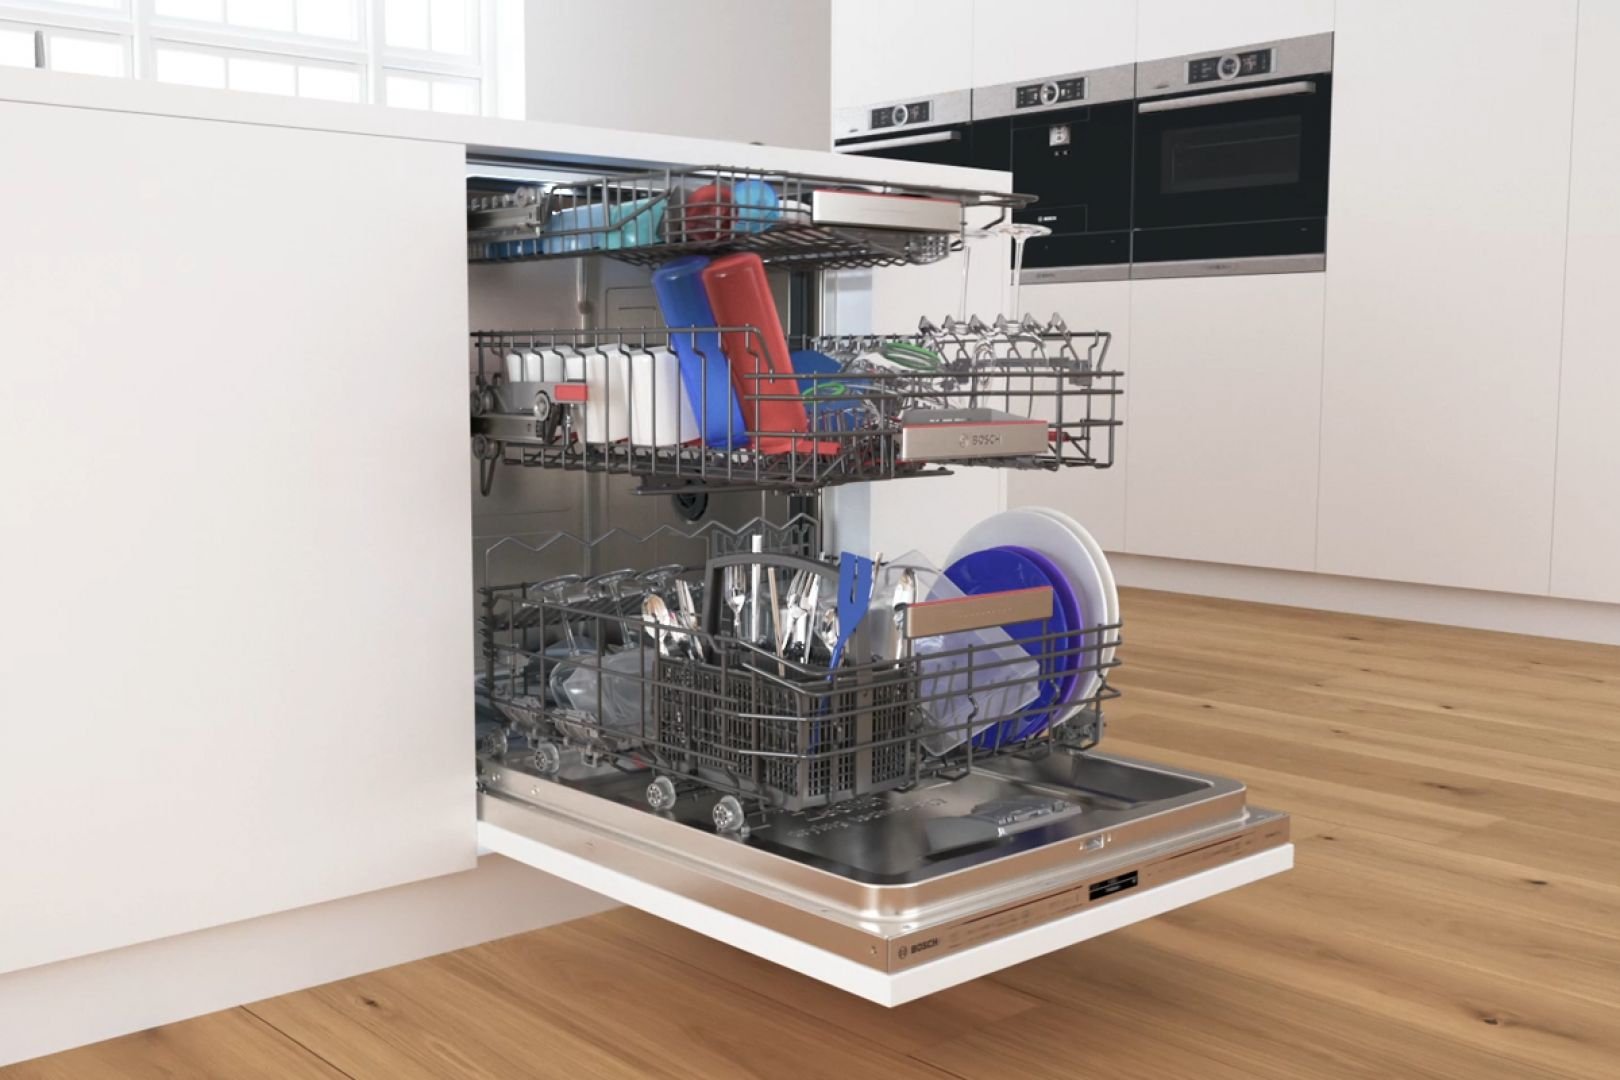 Podczas mycia naczyń w zmywarce wykorzystuje się wysoką temperaturę oraz specjalistyczne detergenty. Te dwie cechy sprawiają, że o wiele łatwiej jest usunąć nie tylko zabrudzenia i tłuszcz, ale również bakterie. Fot. Bosch